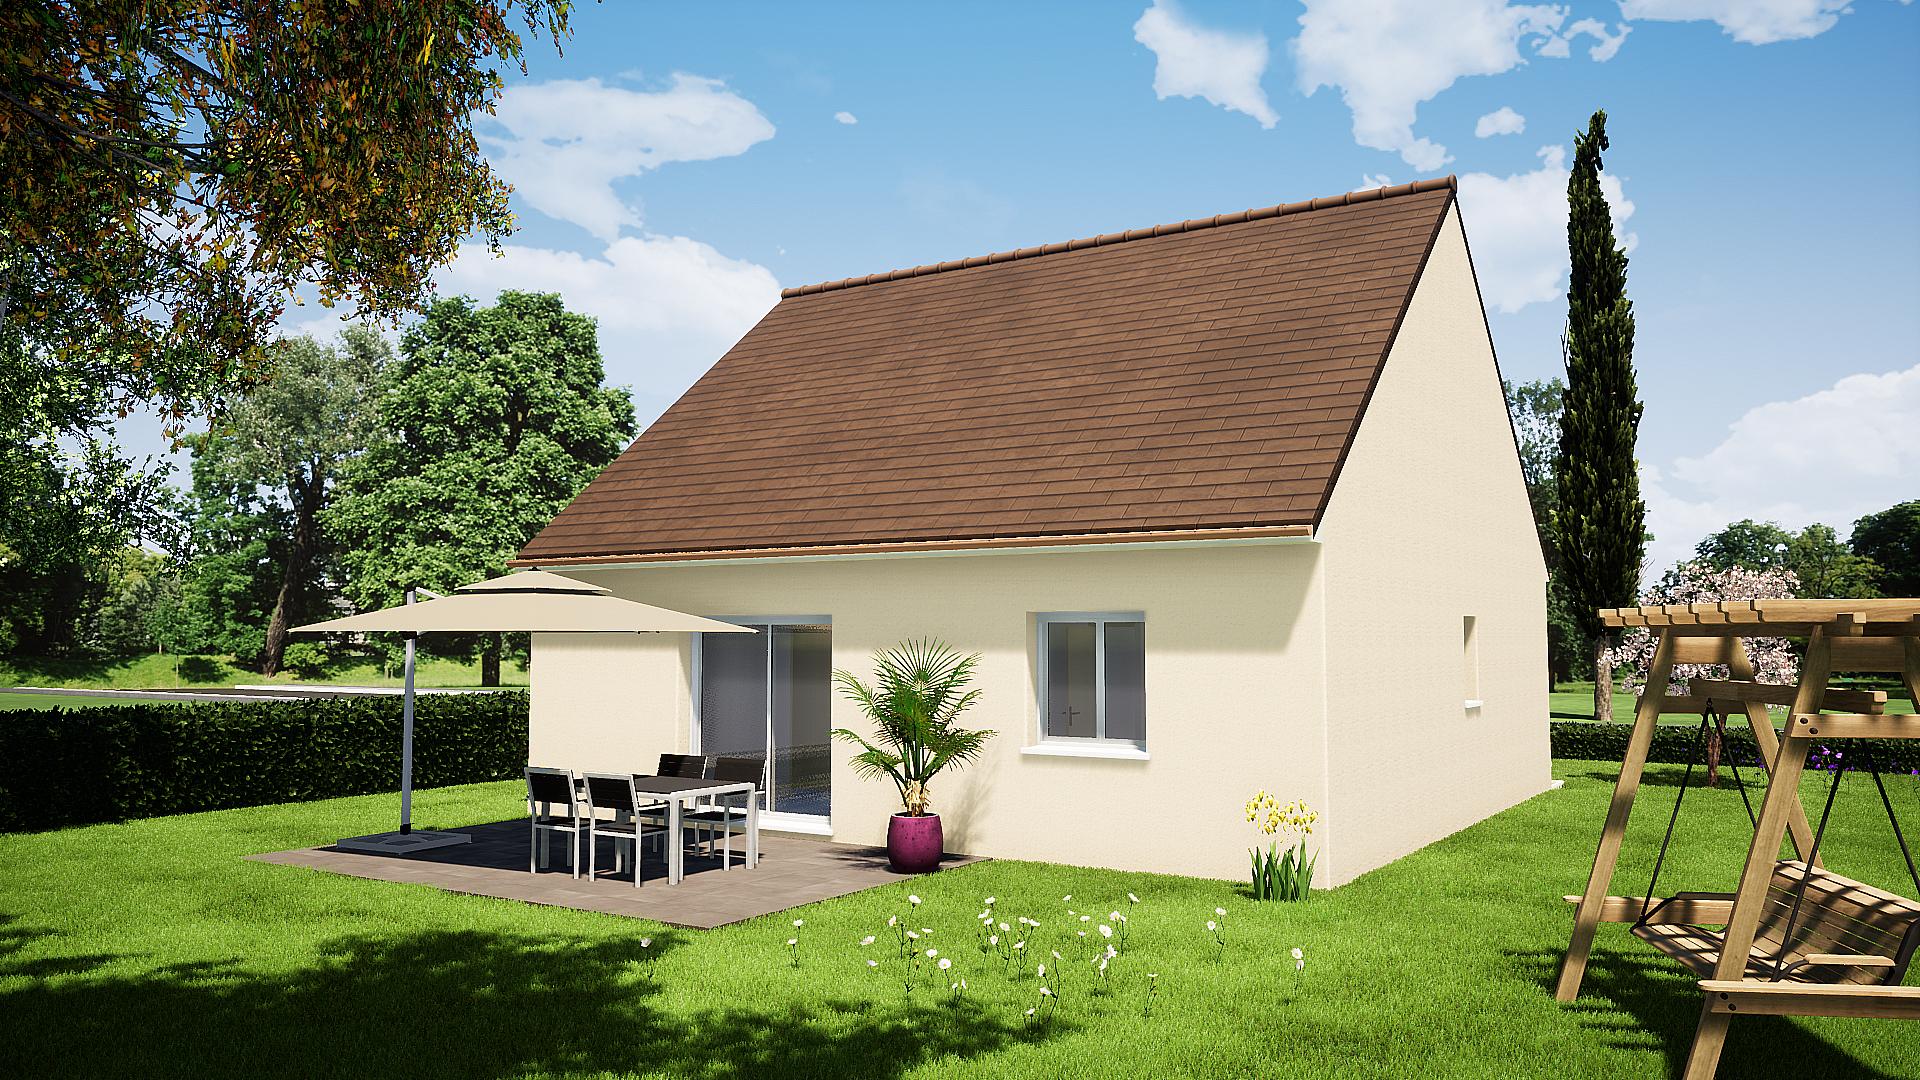 Maisons LG constructeur en Sarthe, constructeur de maison LE MANS, constructeur de maisons sur-mesure, constructeur maisons Le Mans, constructeur de maisons en Sarthe